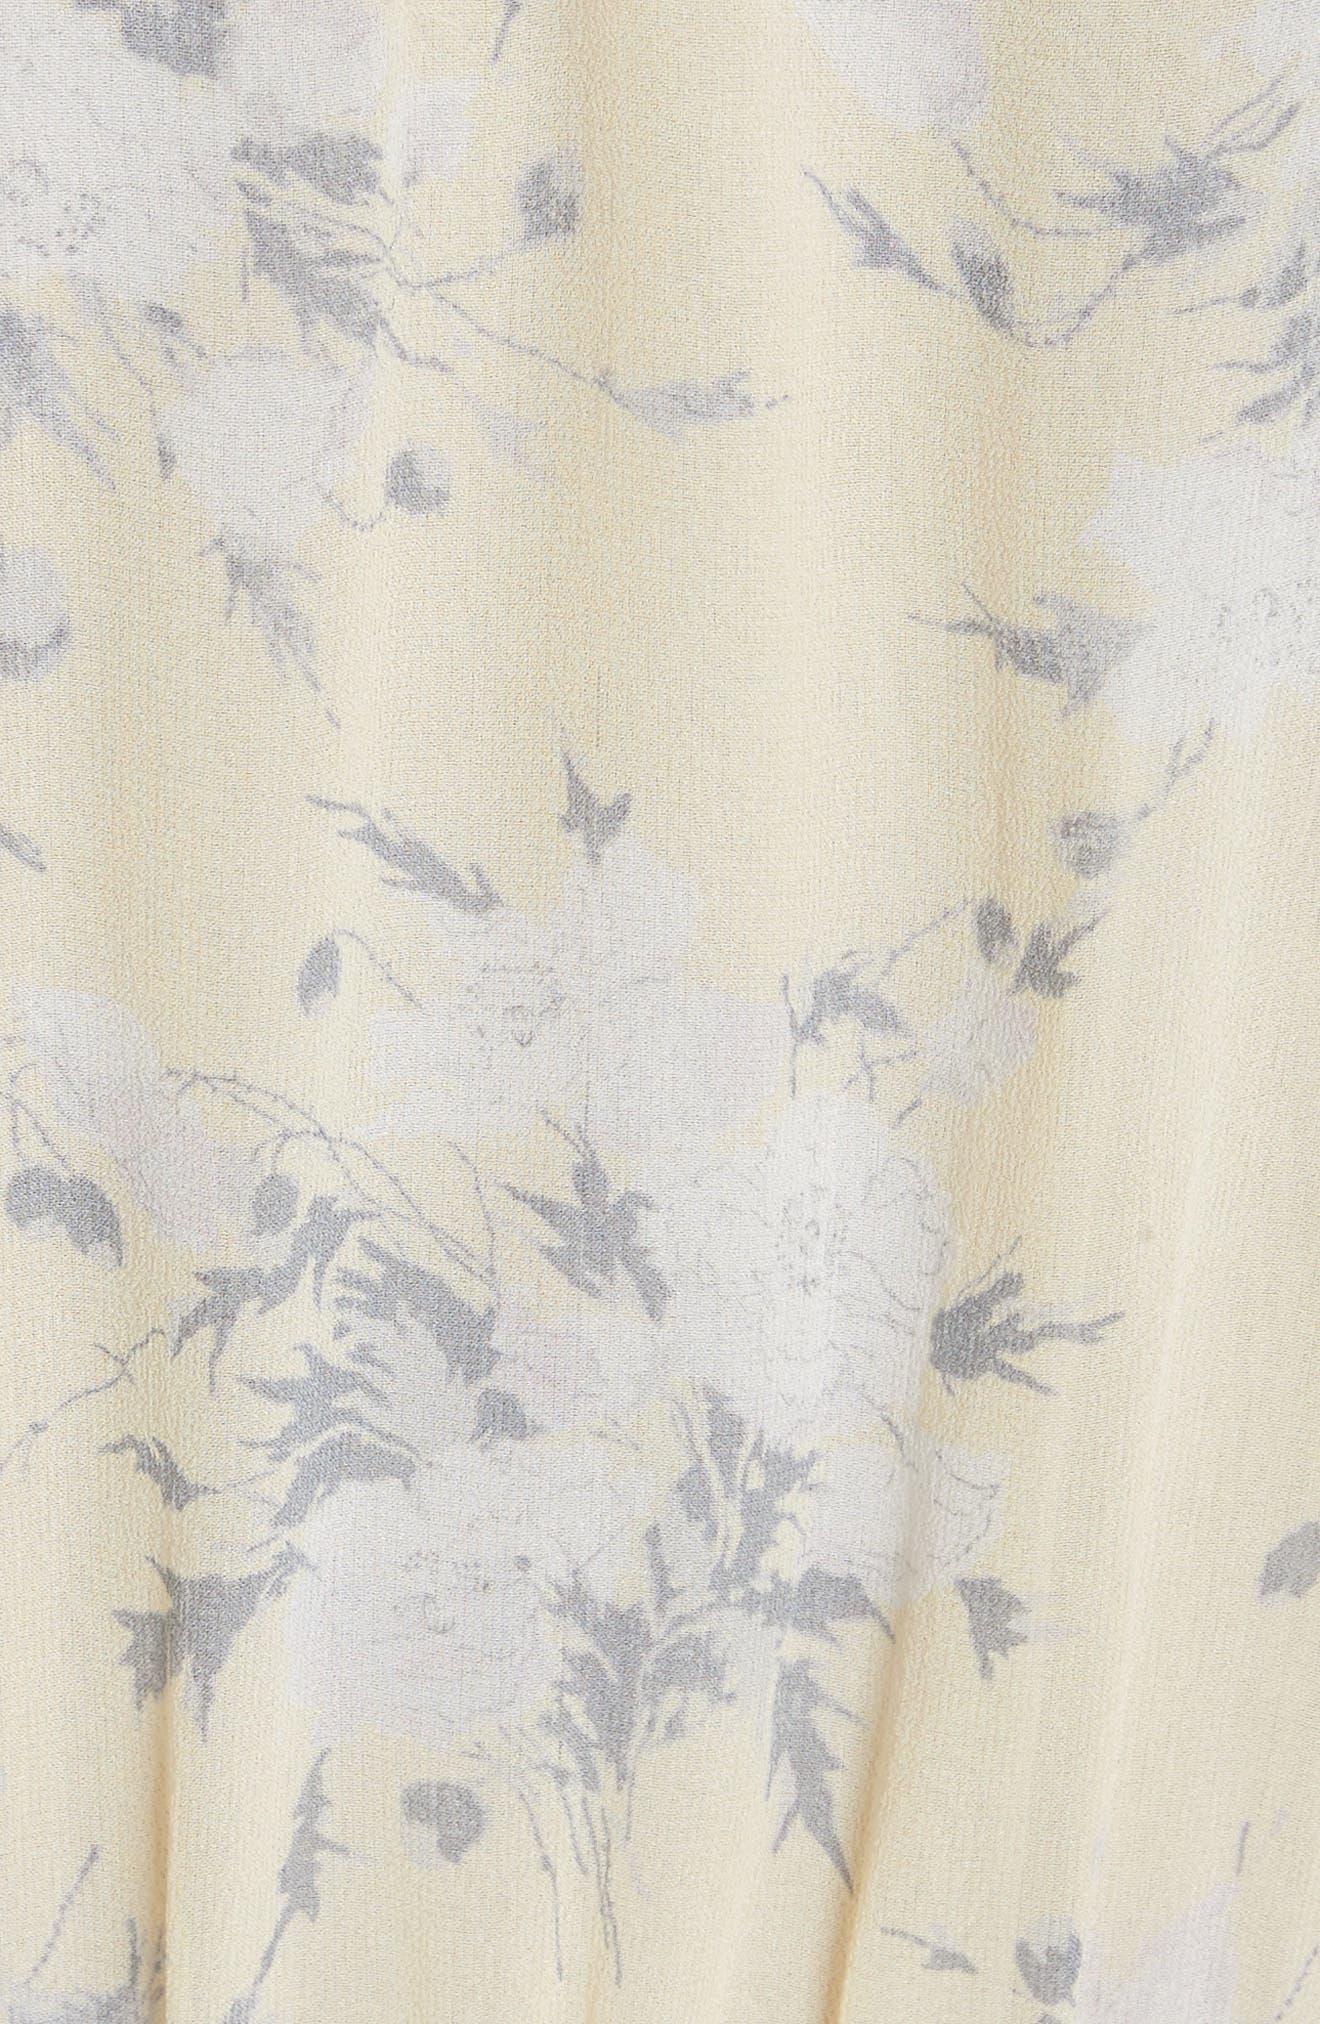 Cold Shoulder Lemon Rose Silk Dress,                             Alternate thumbnail 5, color,                             722